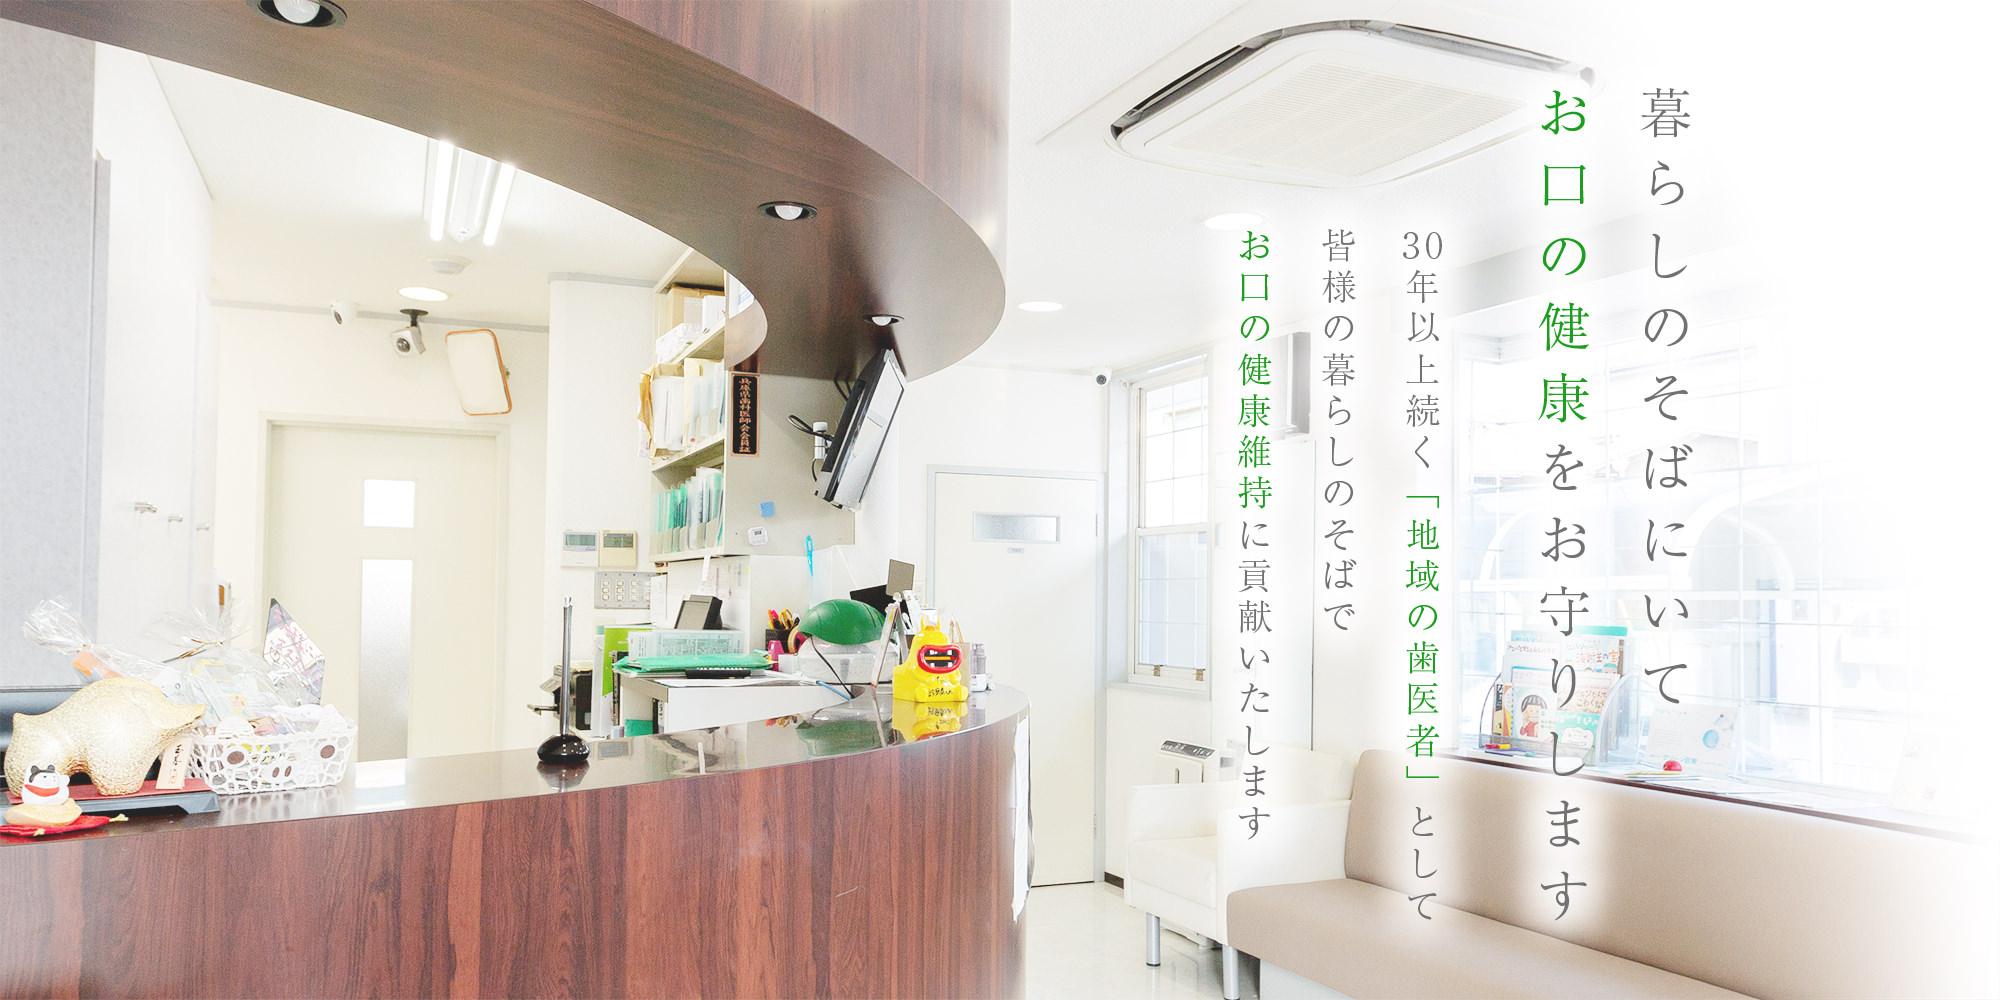 加西市の歯医者